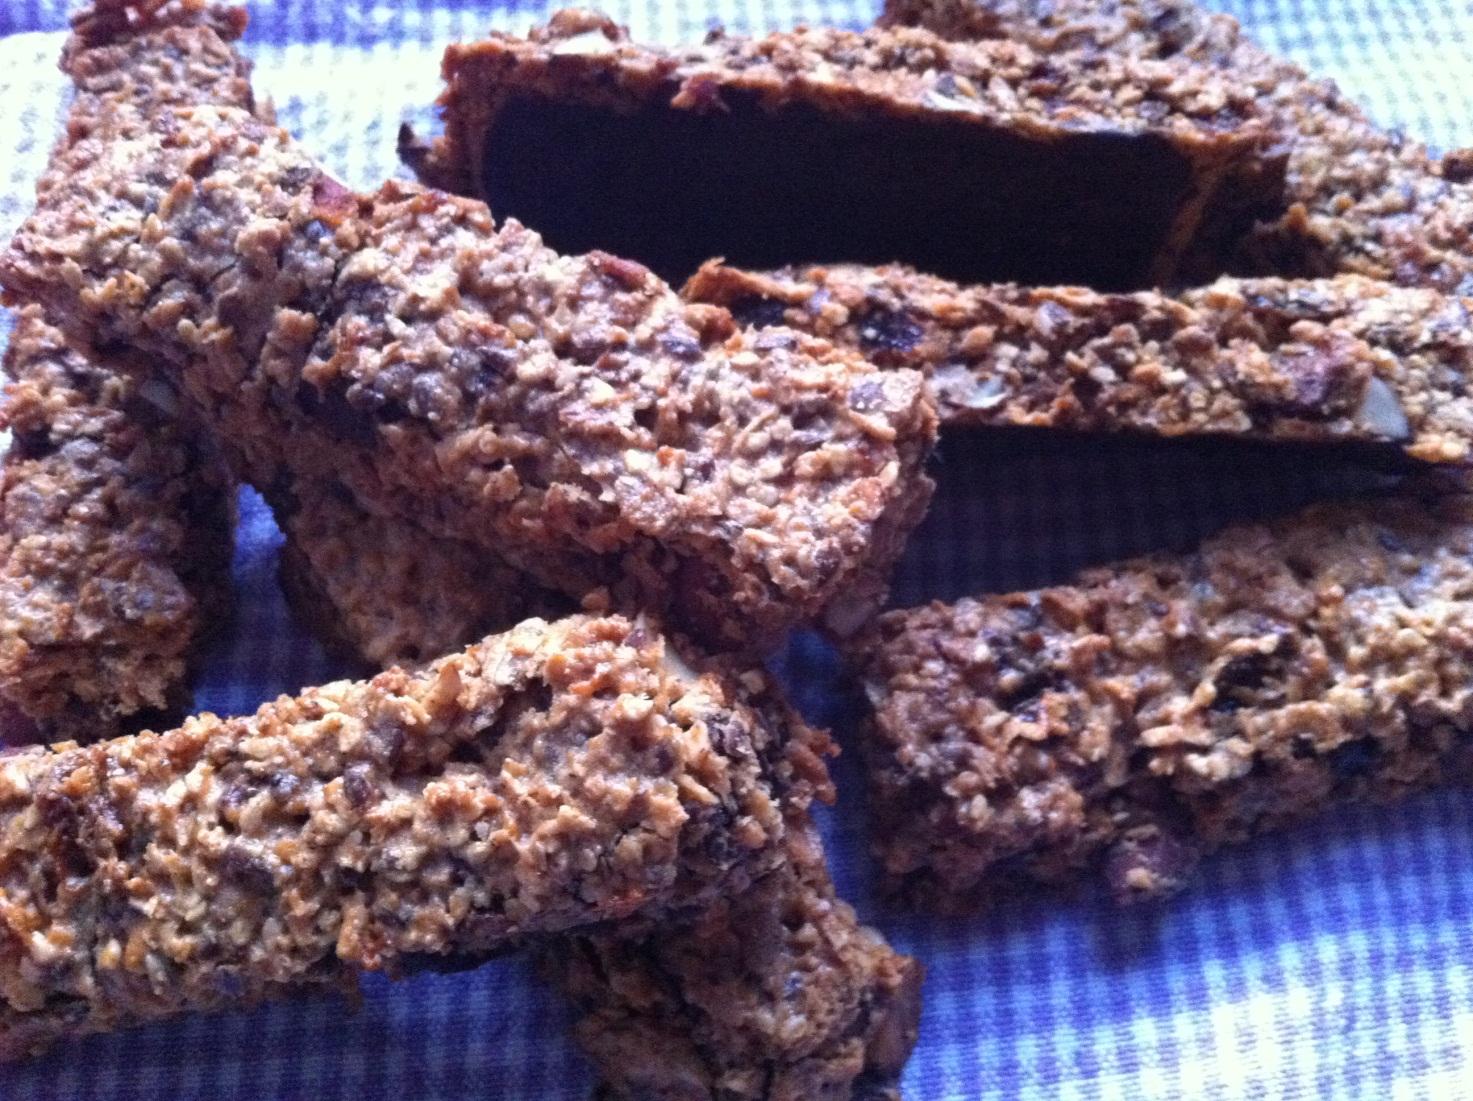 Müslibarer med kokos og mørk chokolade – af Ida Lysdahl Fahrenholtz